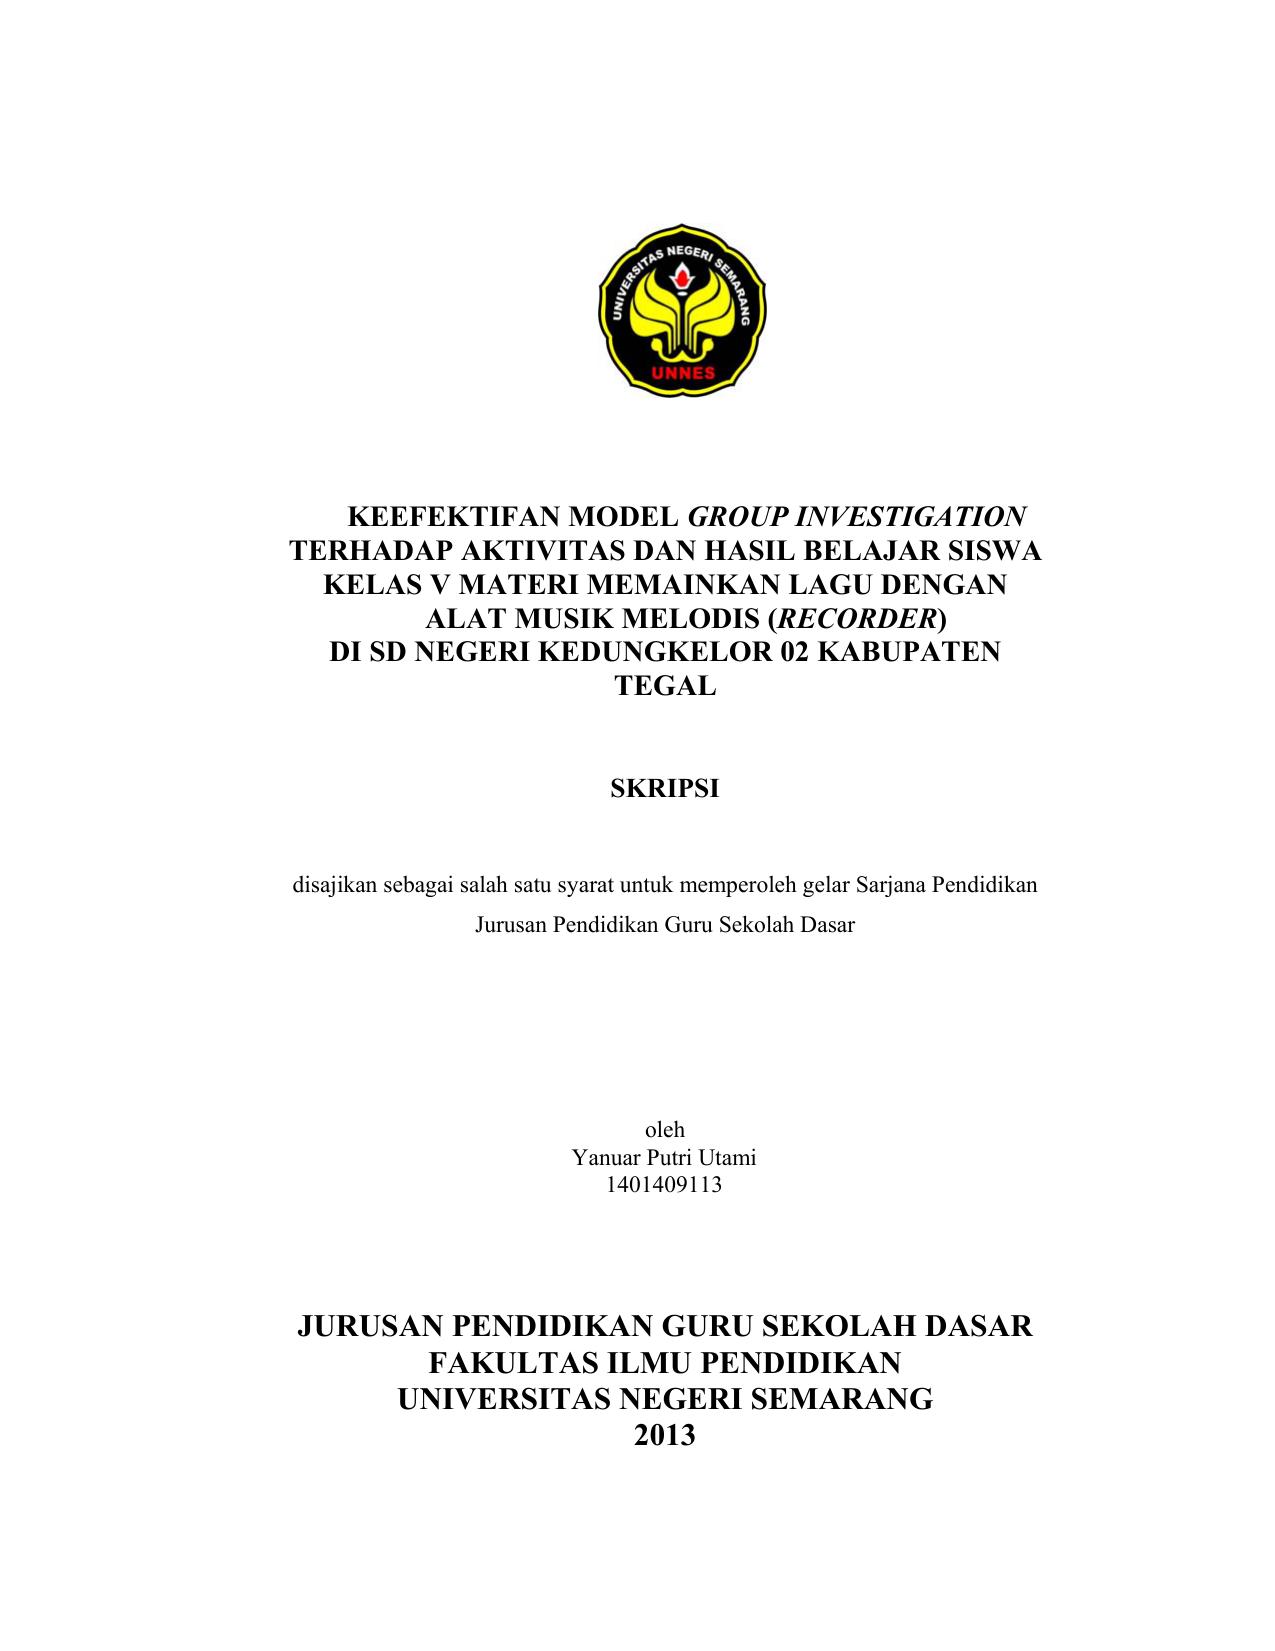 Jurusan Pendidikan Guru Sekolah Dasar Fakultas Ilmu